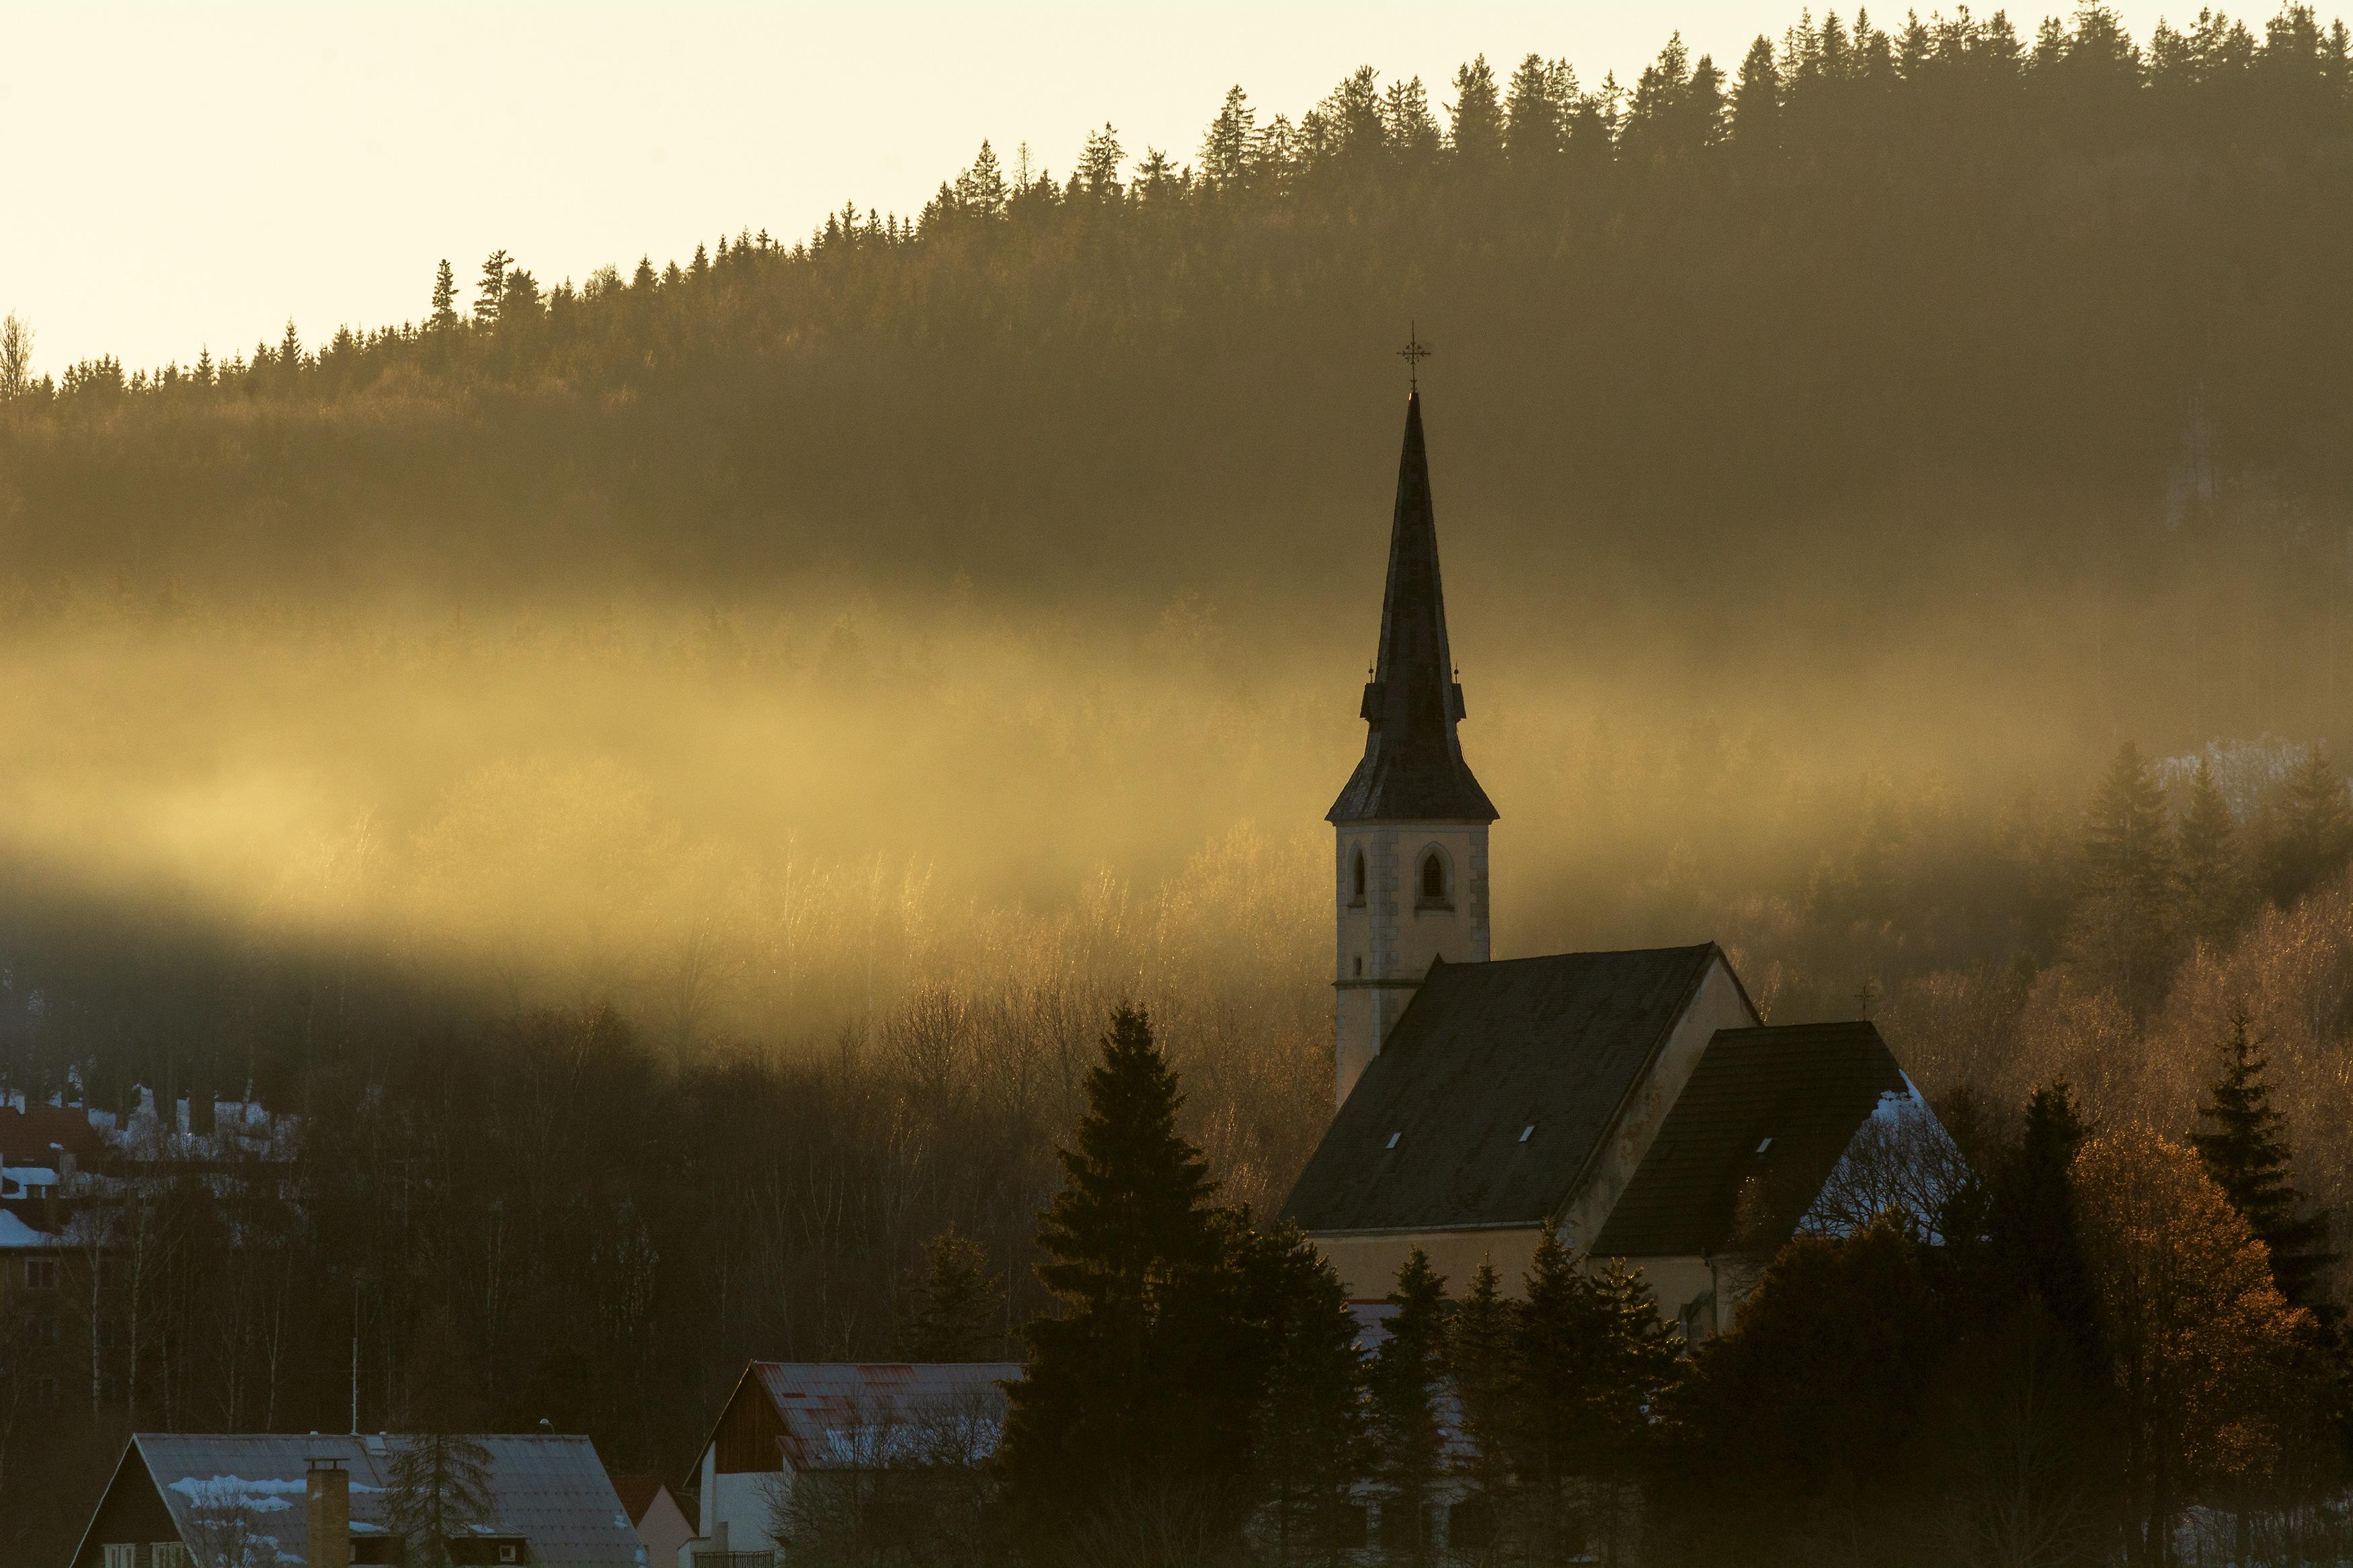 Église dans la brume du soir | Photo gratuite | LibreShot